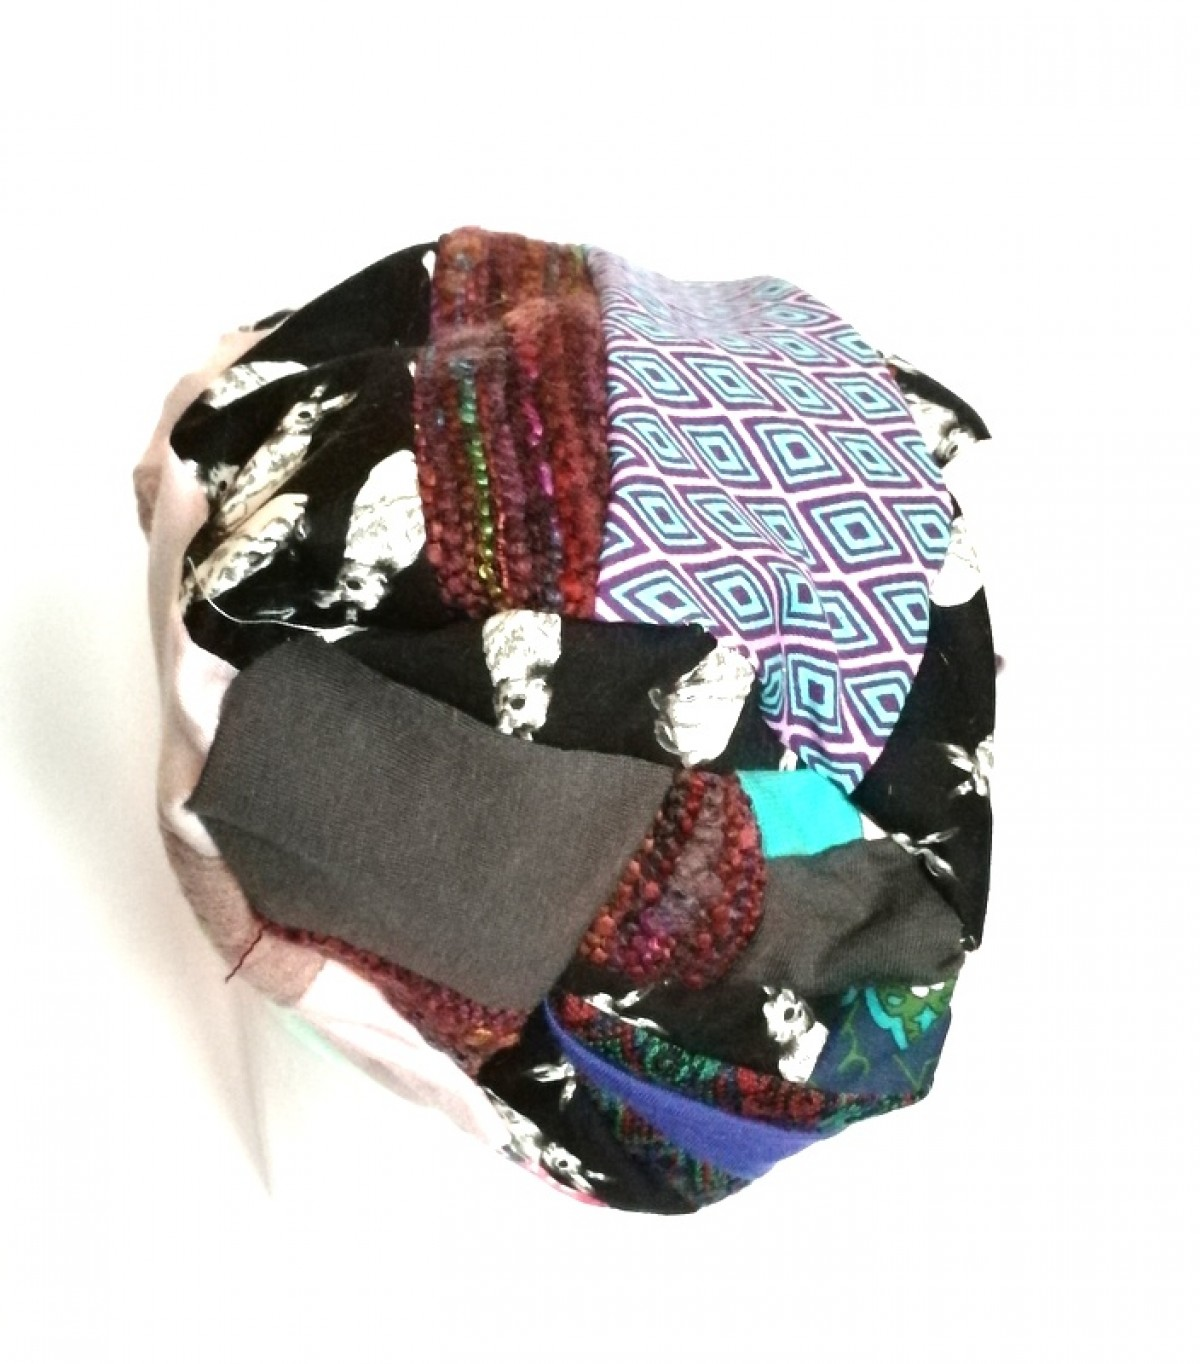 czapka patchworkowa damska dzianina   bawełna króliki etno boho